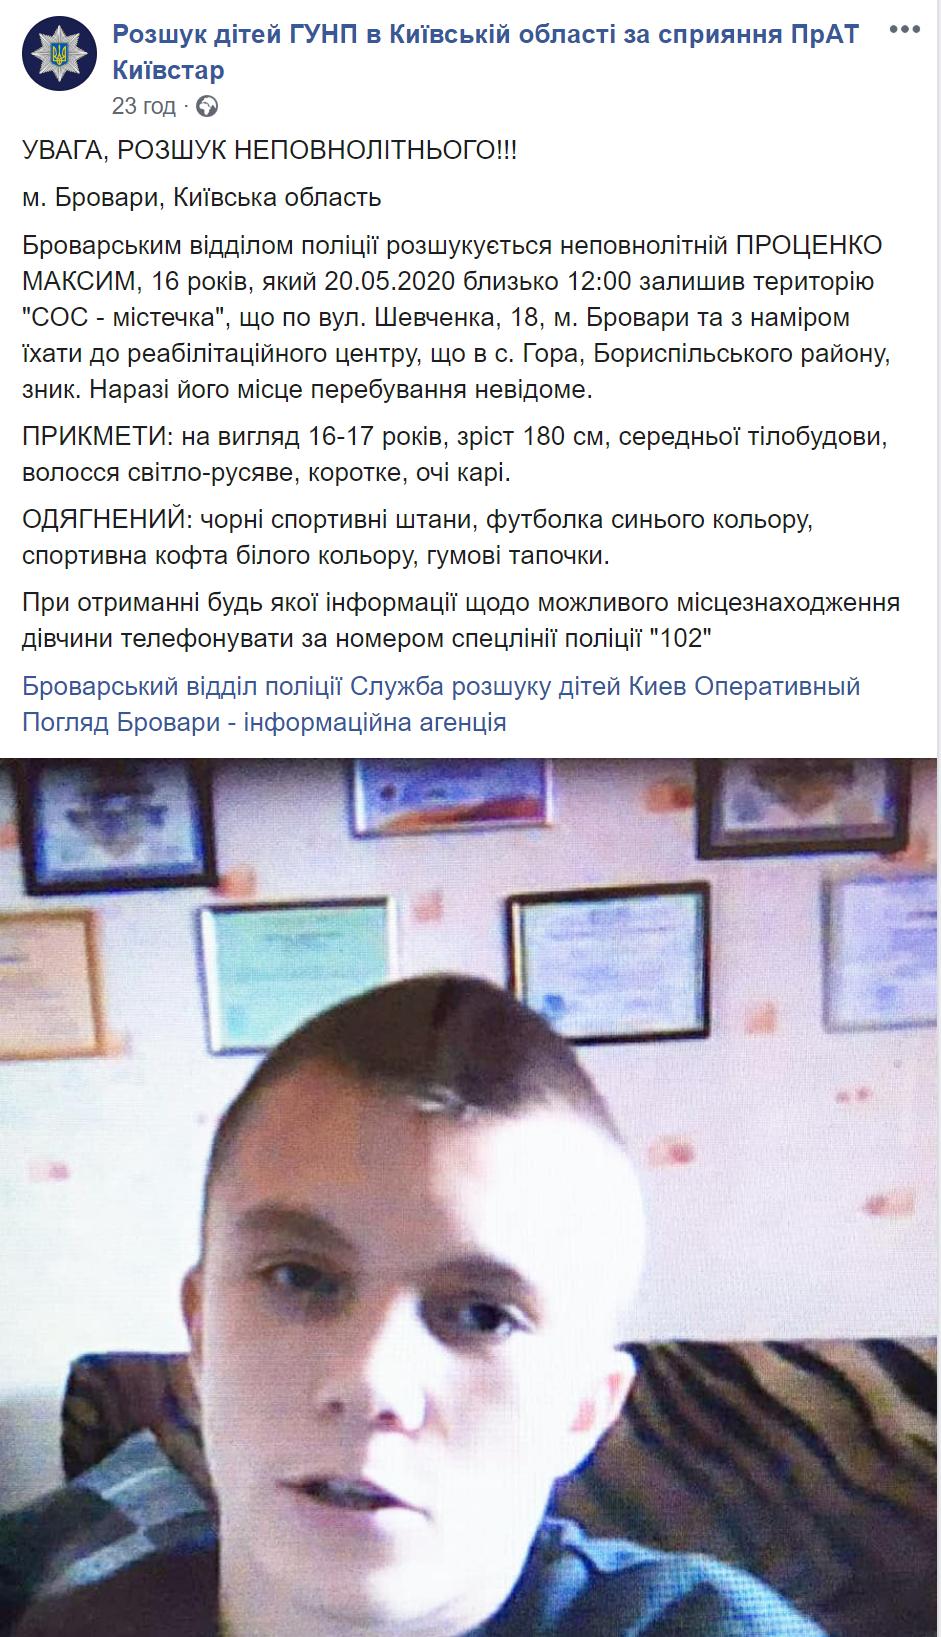 Пост об исчезновении подростка в Киевской области